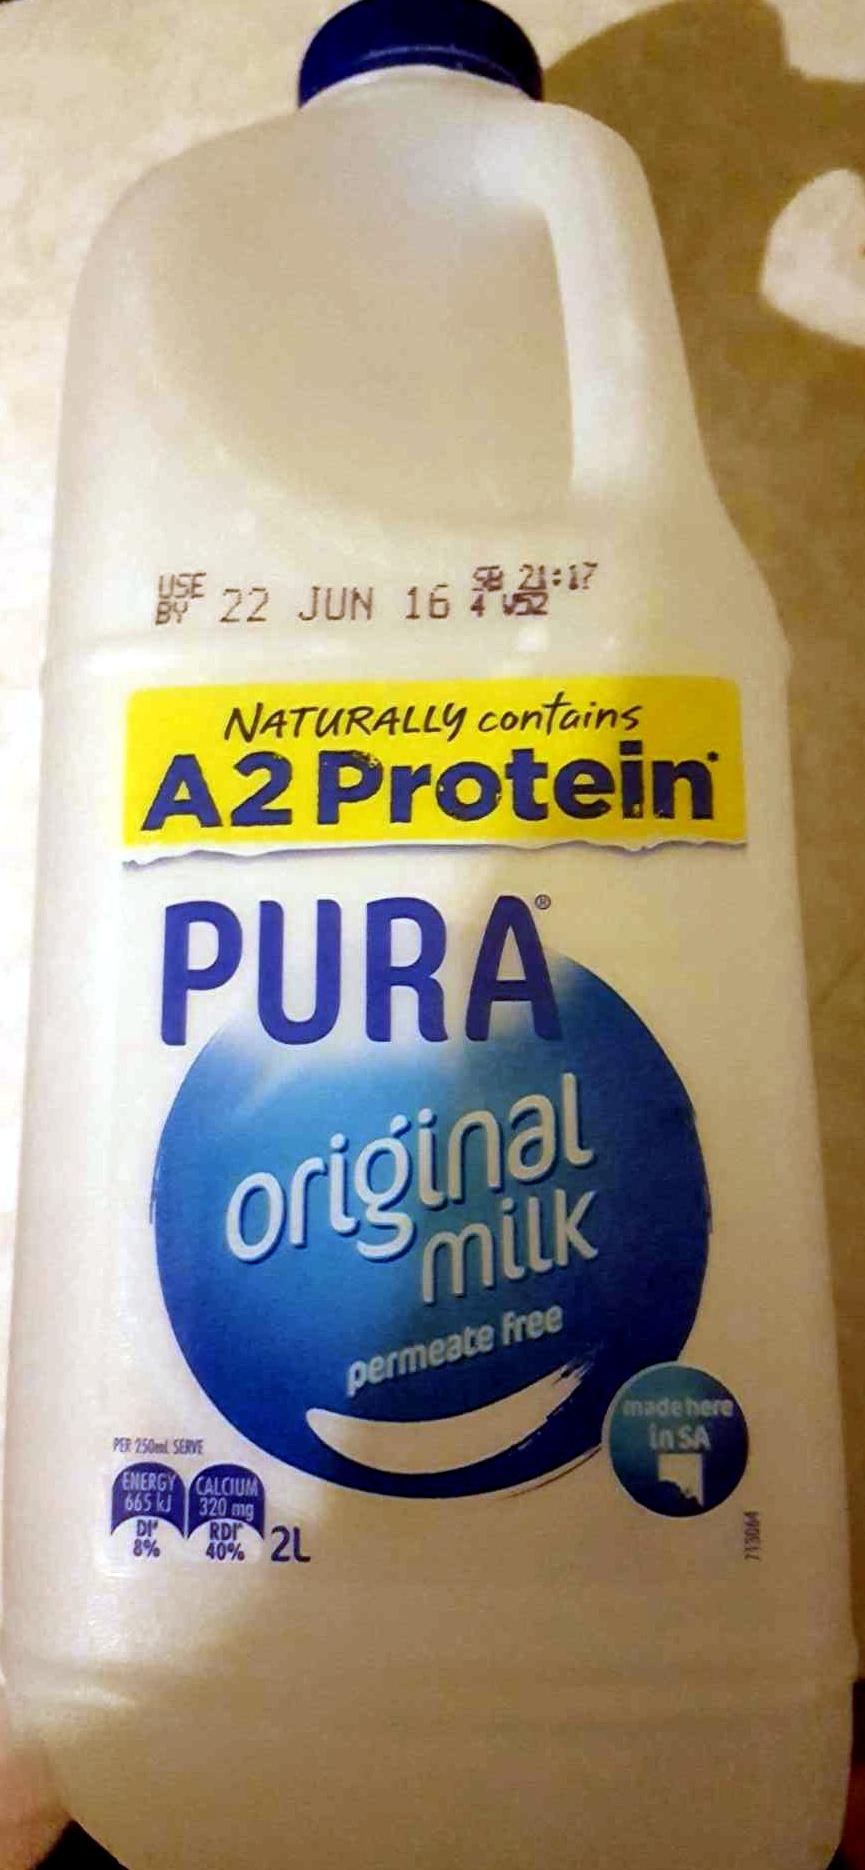 Pura Original Milk - Product